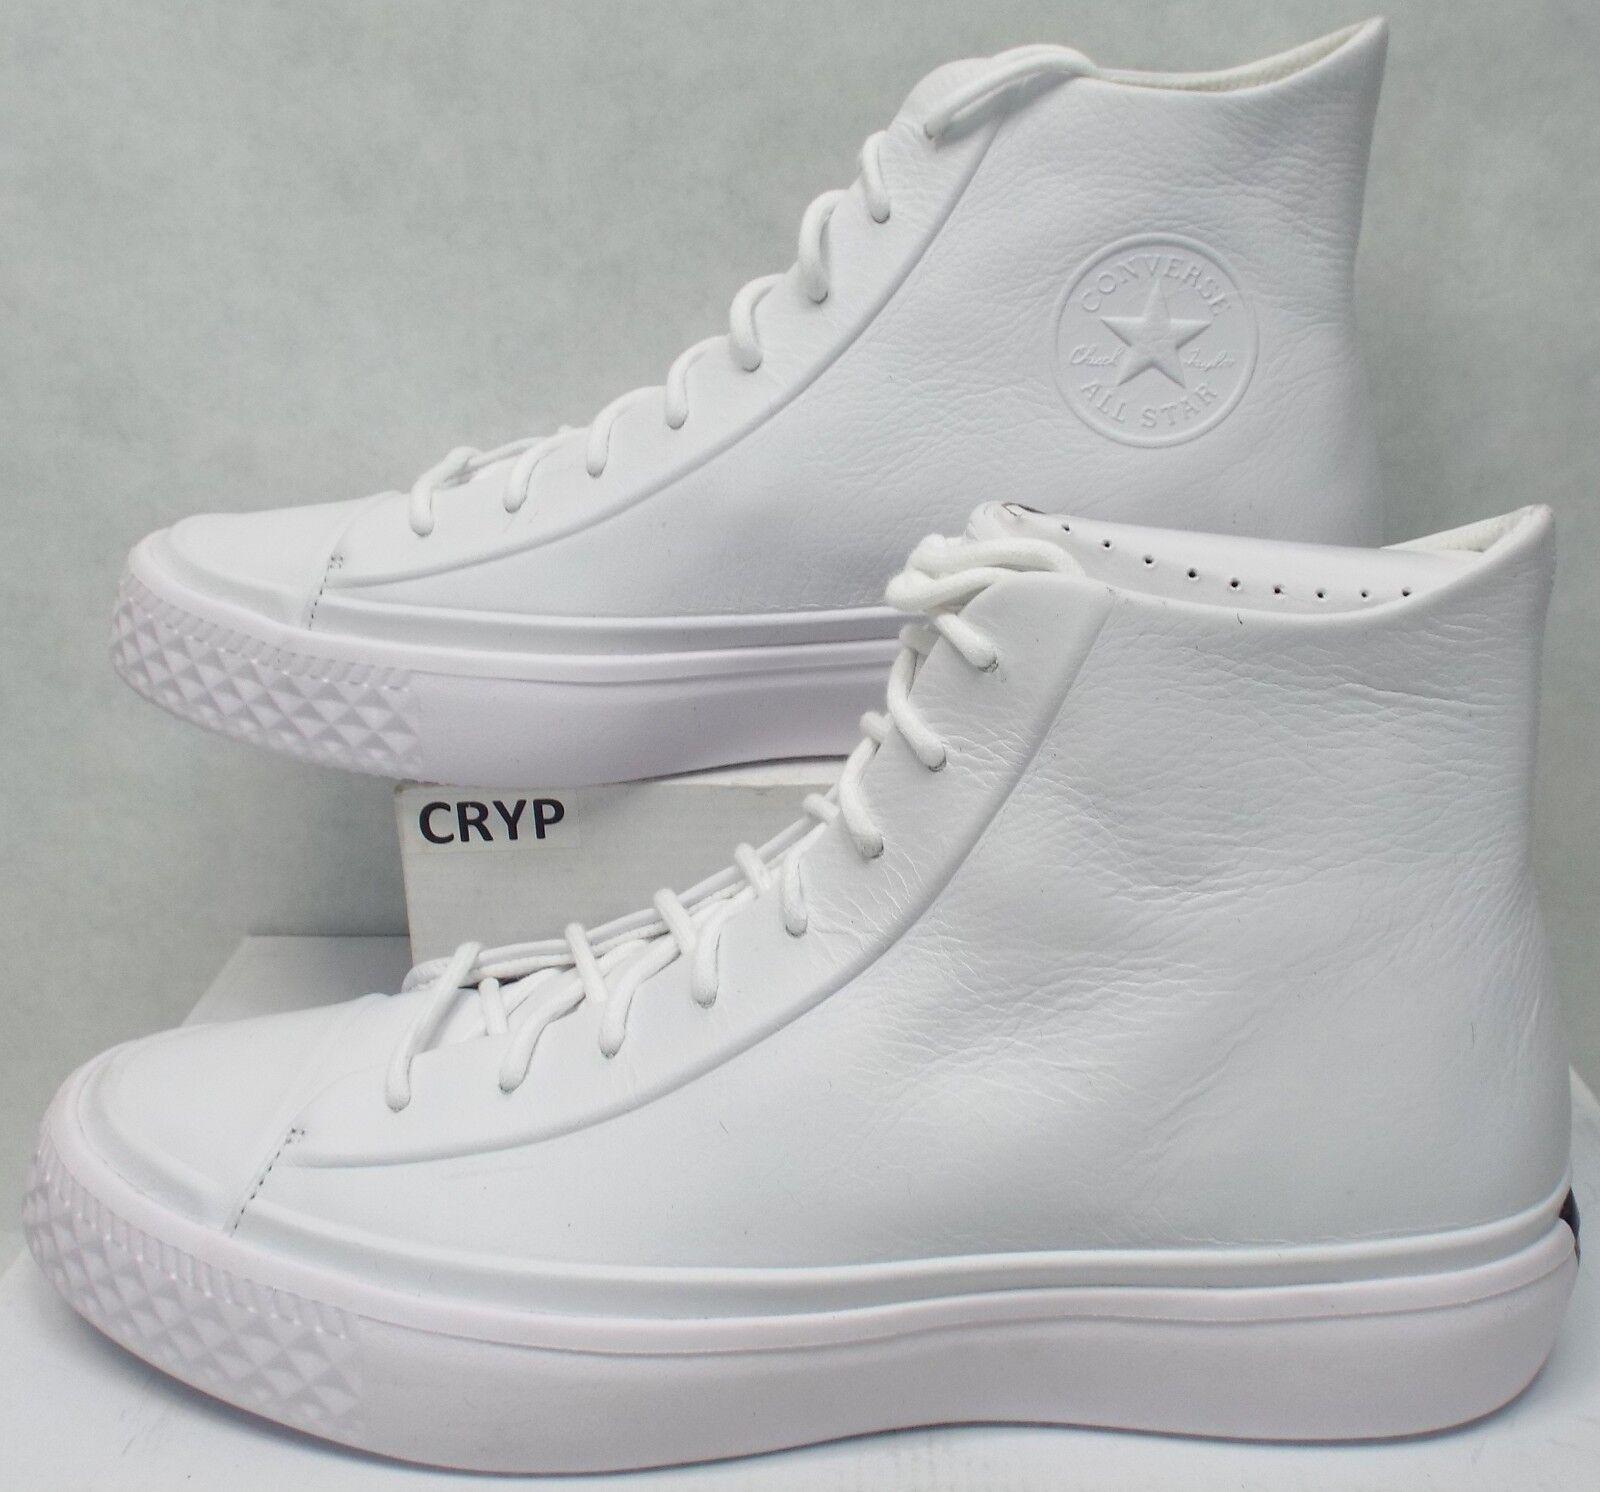 NEW hombre 12 Converse Ctas WP Botas Zapatos Botas de De Cuero Oscuro clavo de Botas olor Hi 120 1201891 C ca40c3